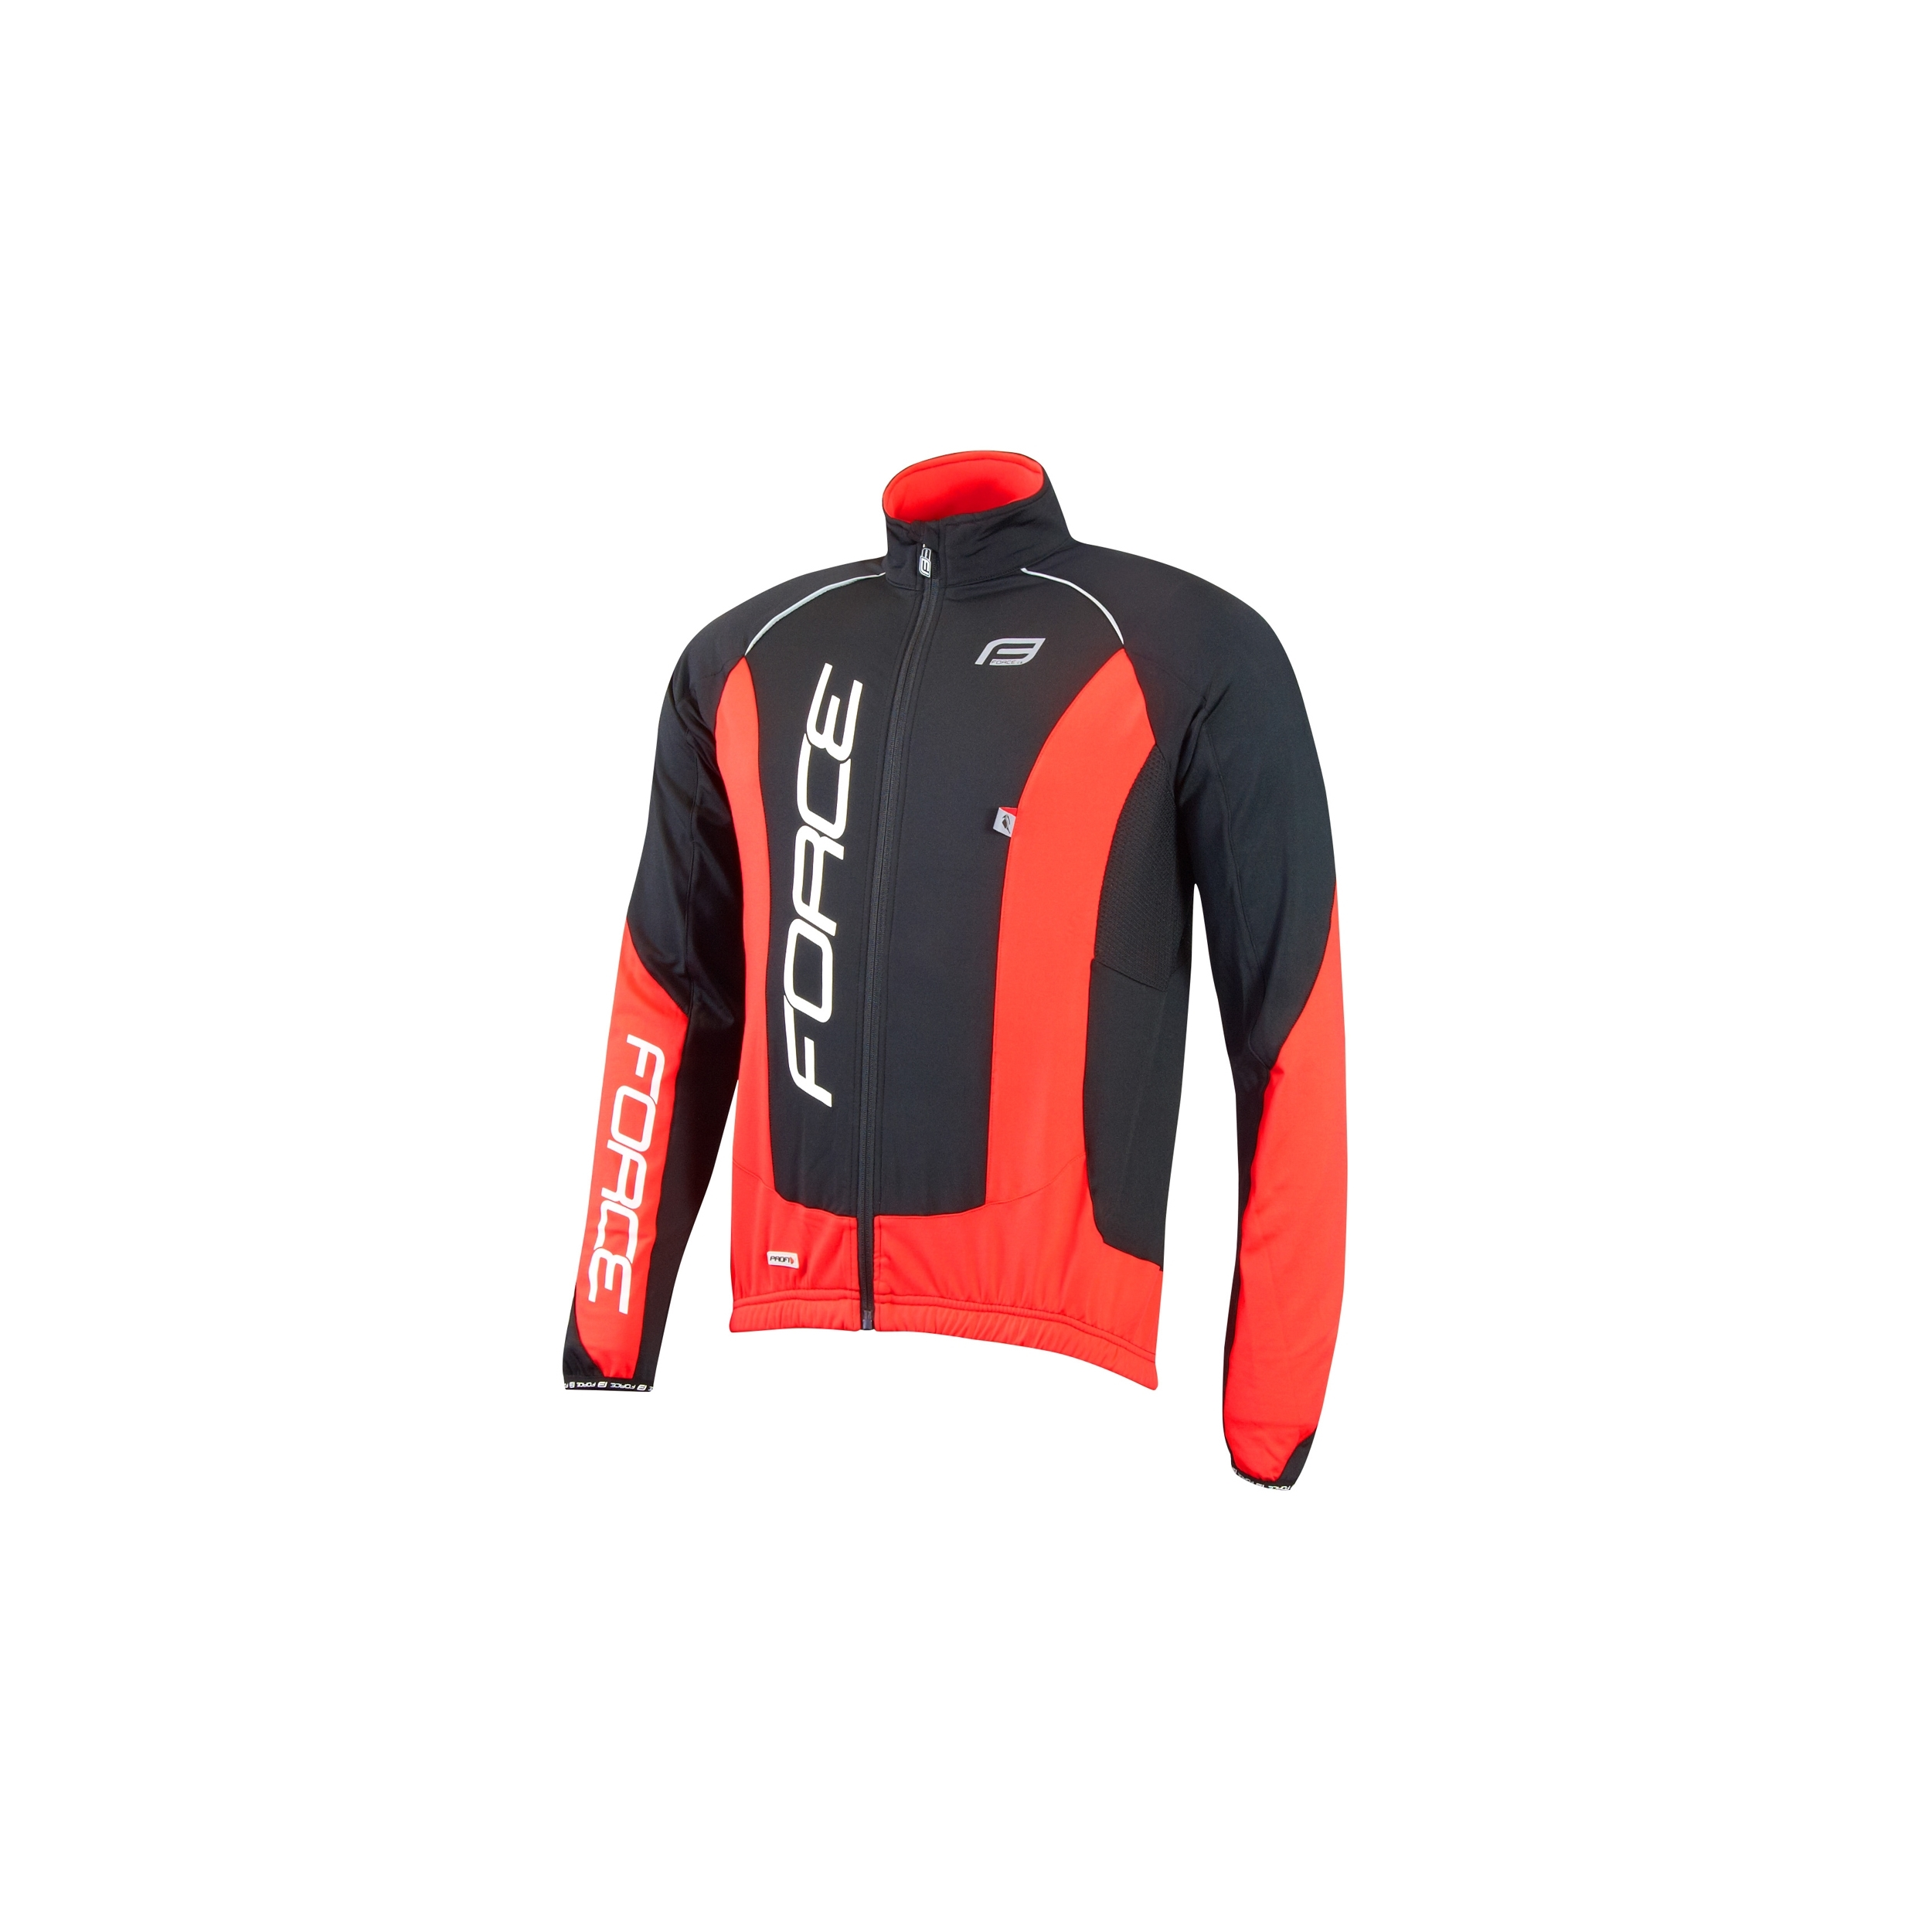 Force X68 Pro jakke sort/rød | Jakker